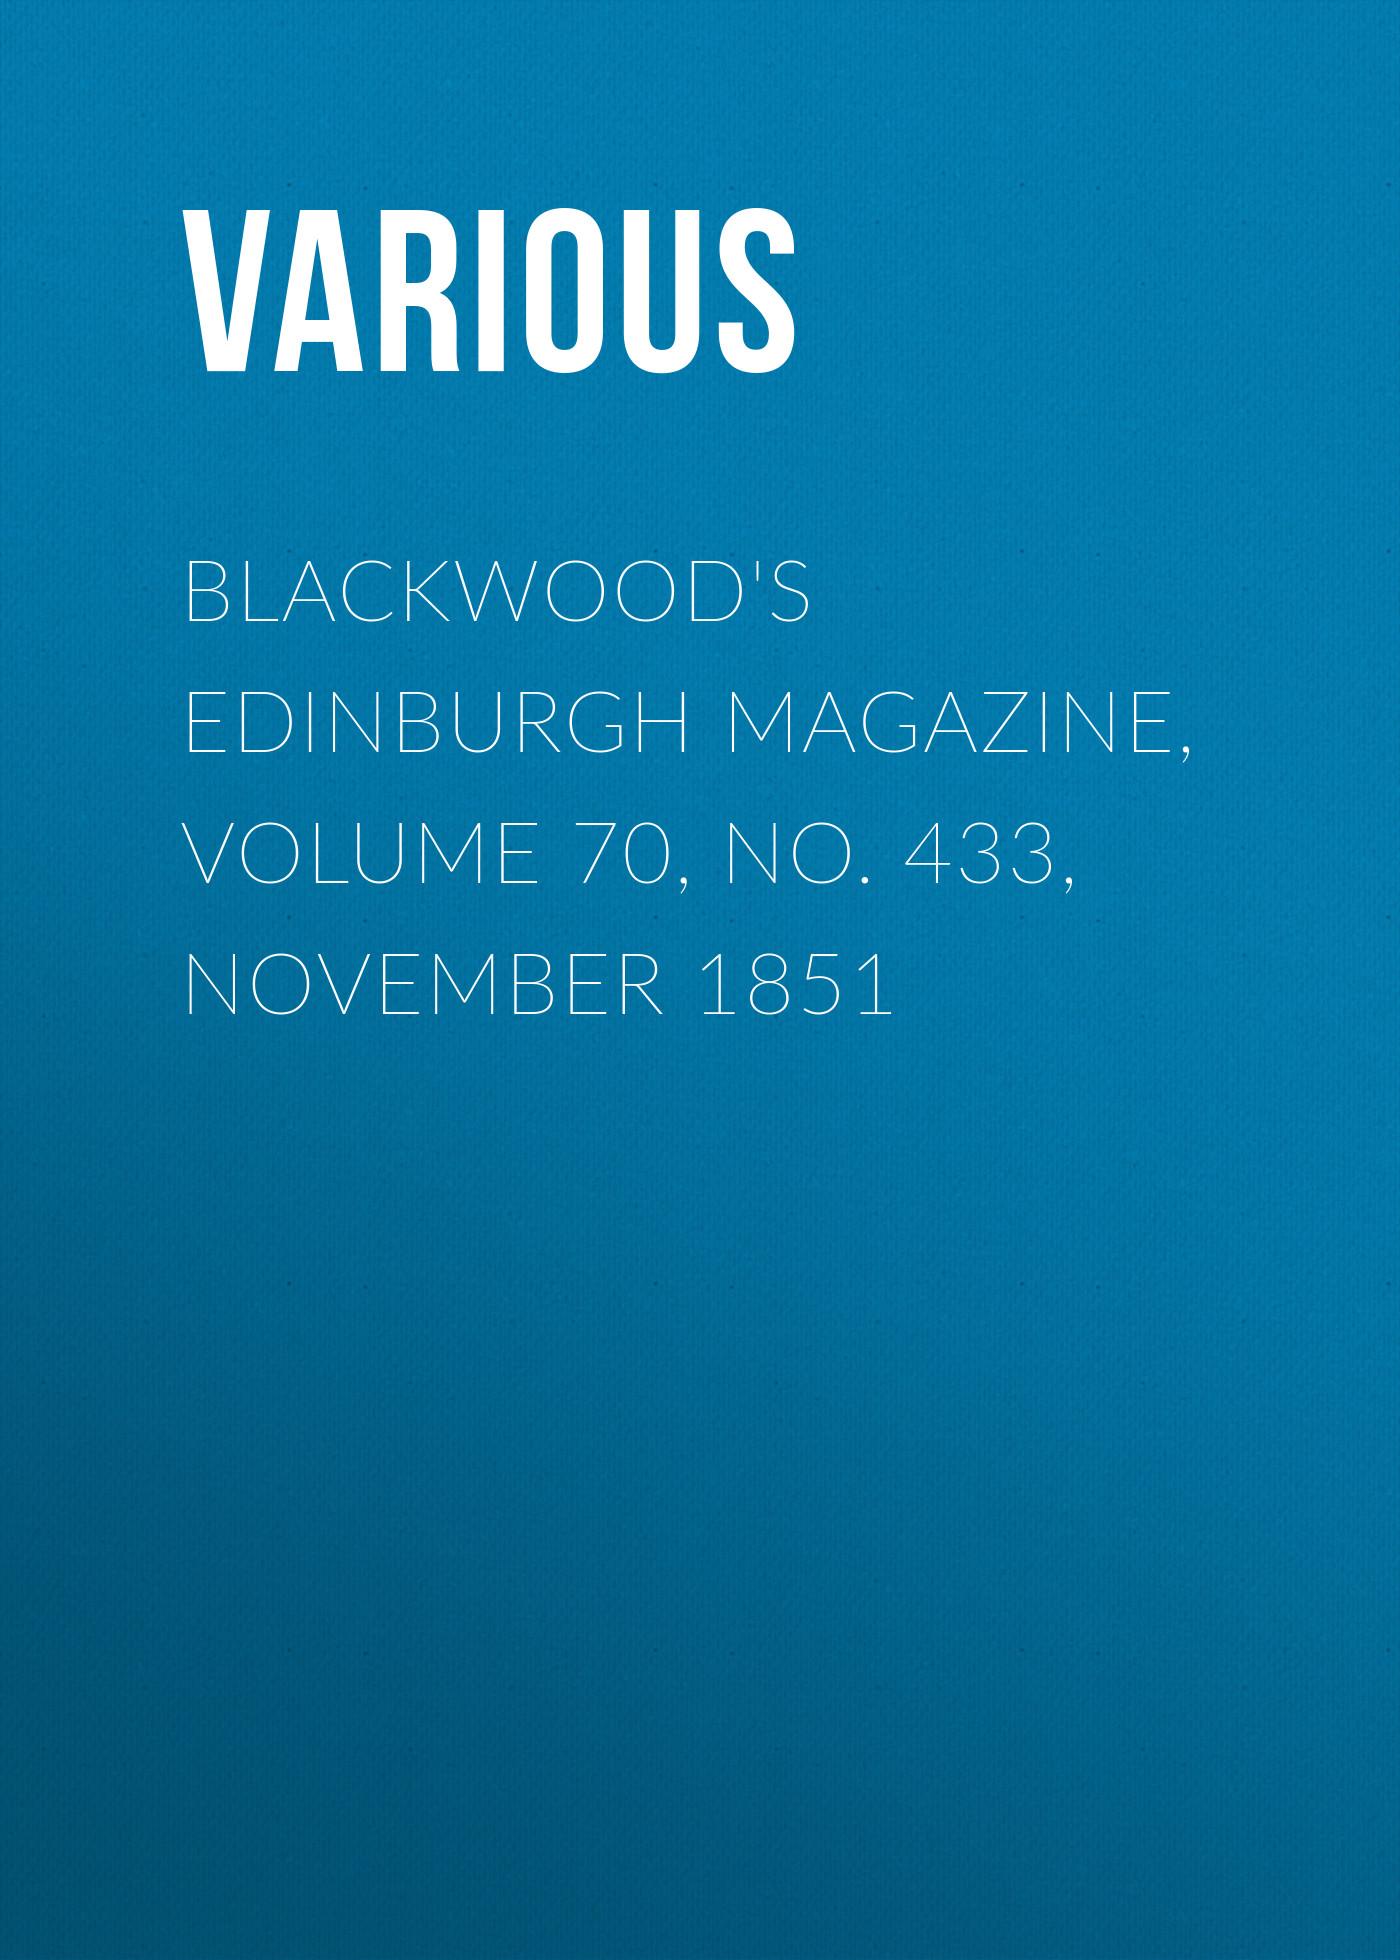 лучшая цена Various Blackwood's Edinburgh Magazine, Volume 70, No. 433, November 1851